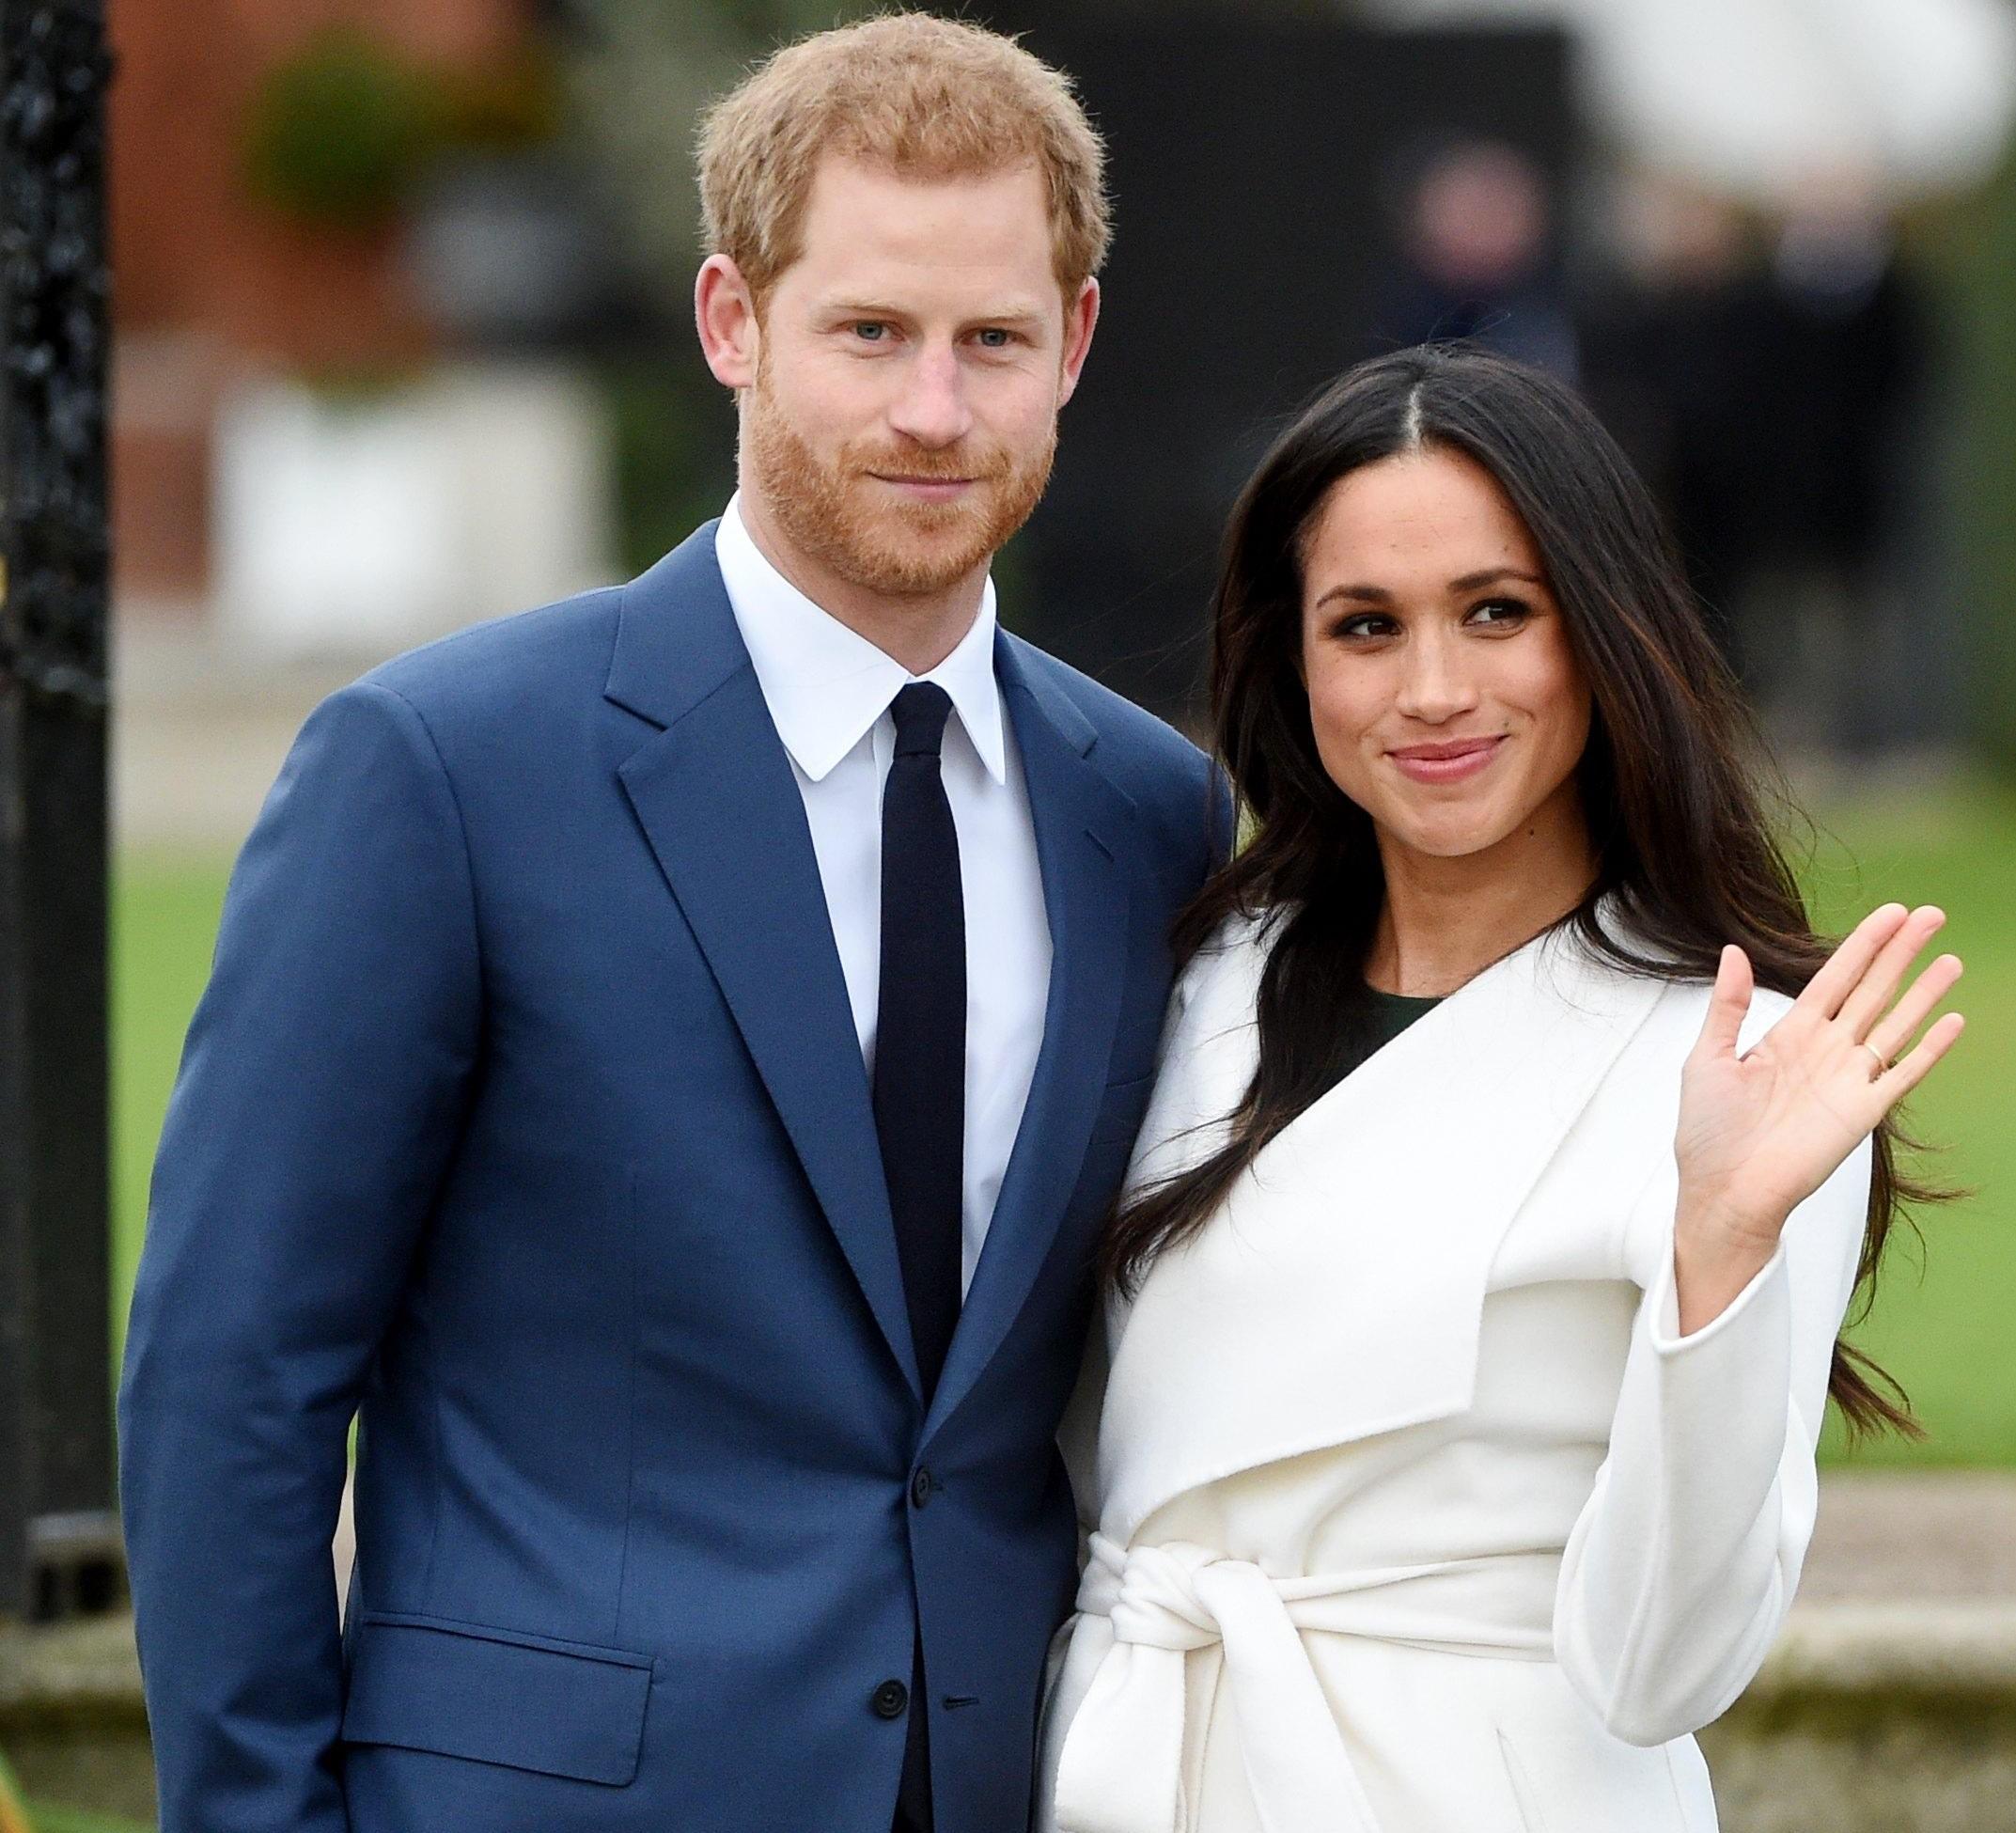 Meghan Markle è incinta? Il gossip dopo l'annuncio di fidanzamento con il Principe Harry